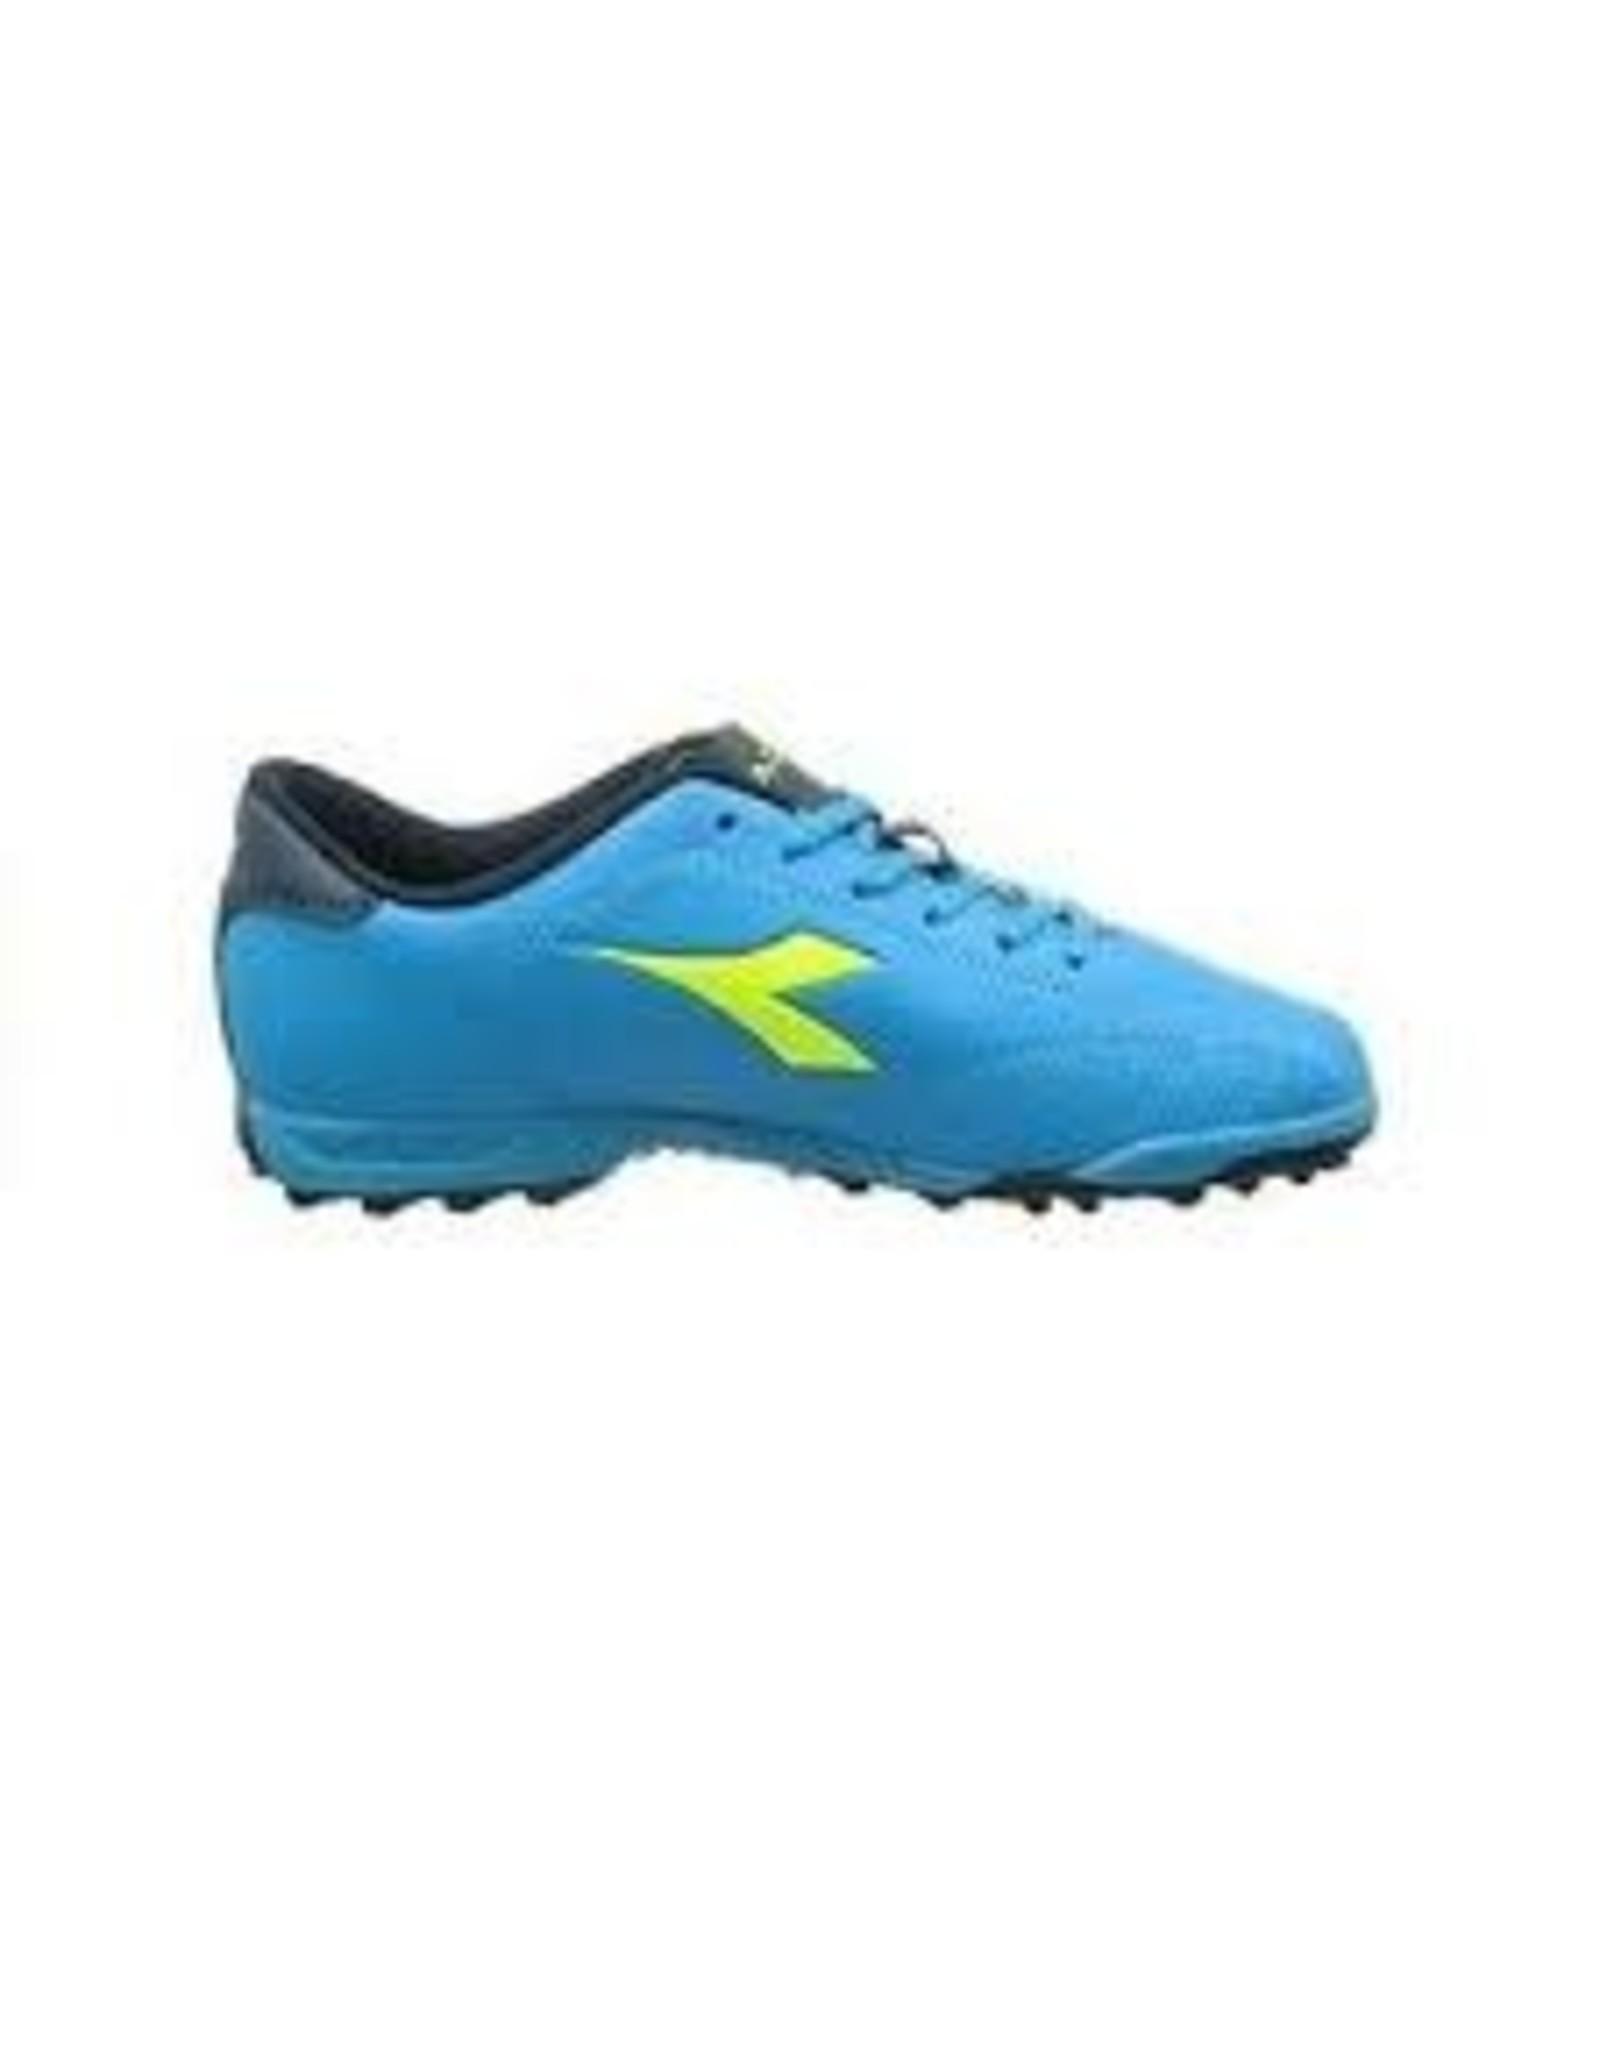 Diadora Diadora 6PLAY TF Shoes (Blue Fluo/Yellow Fluo)